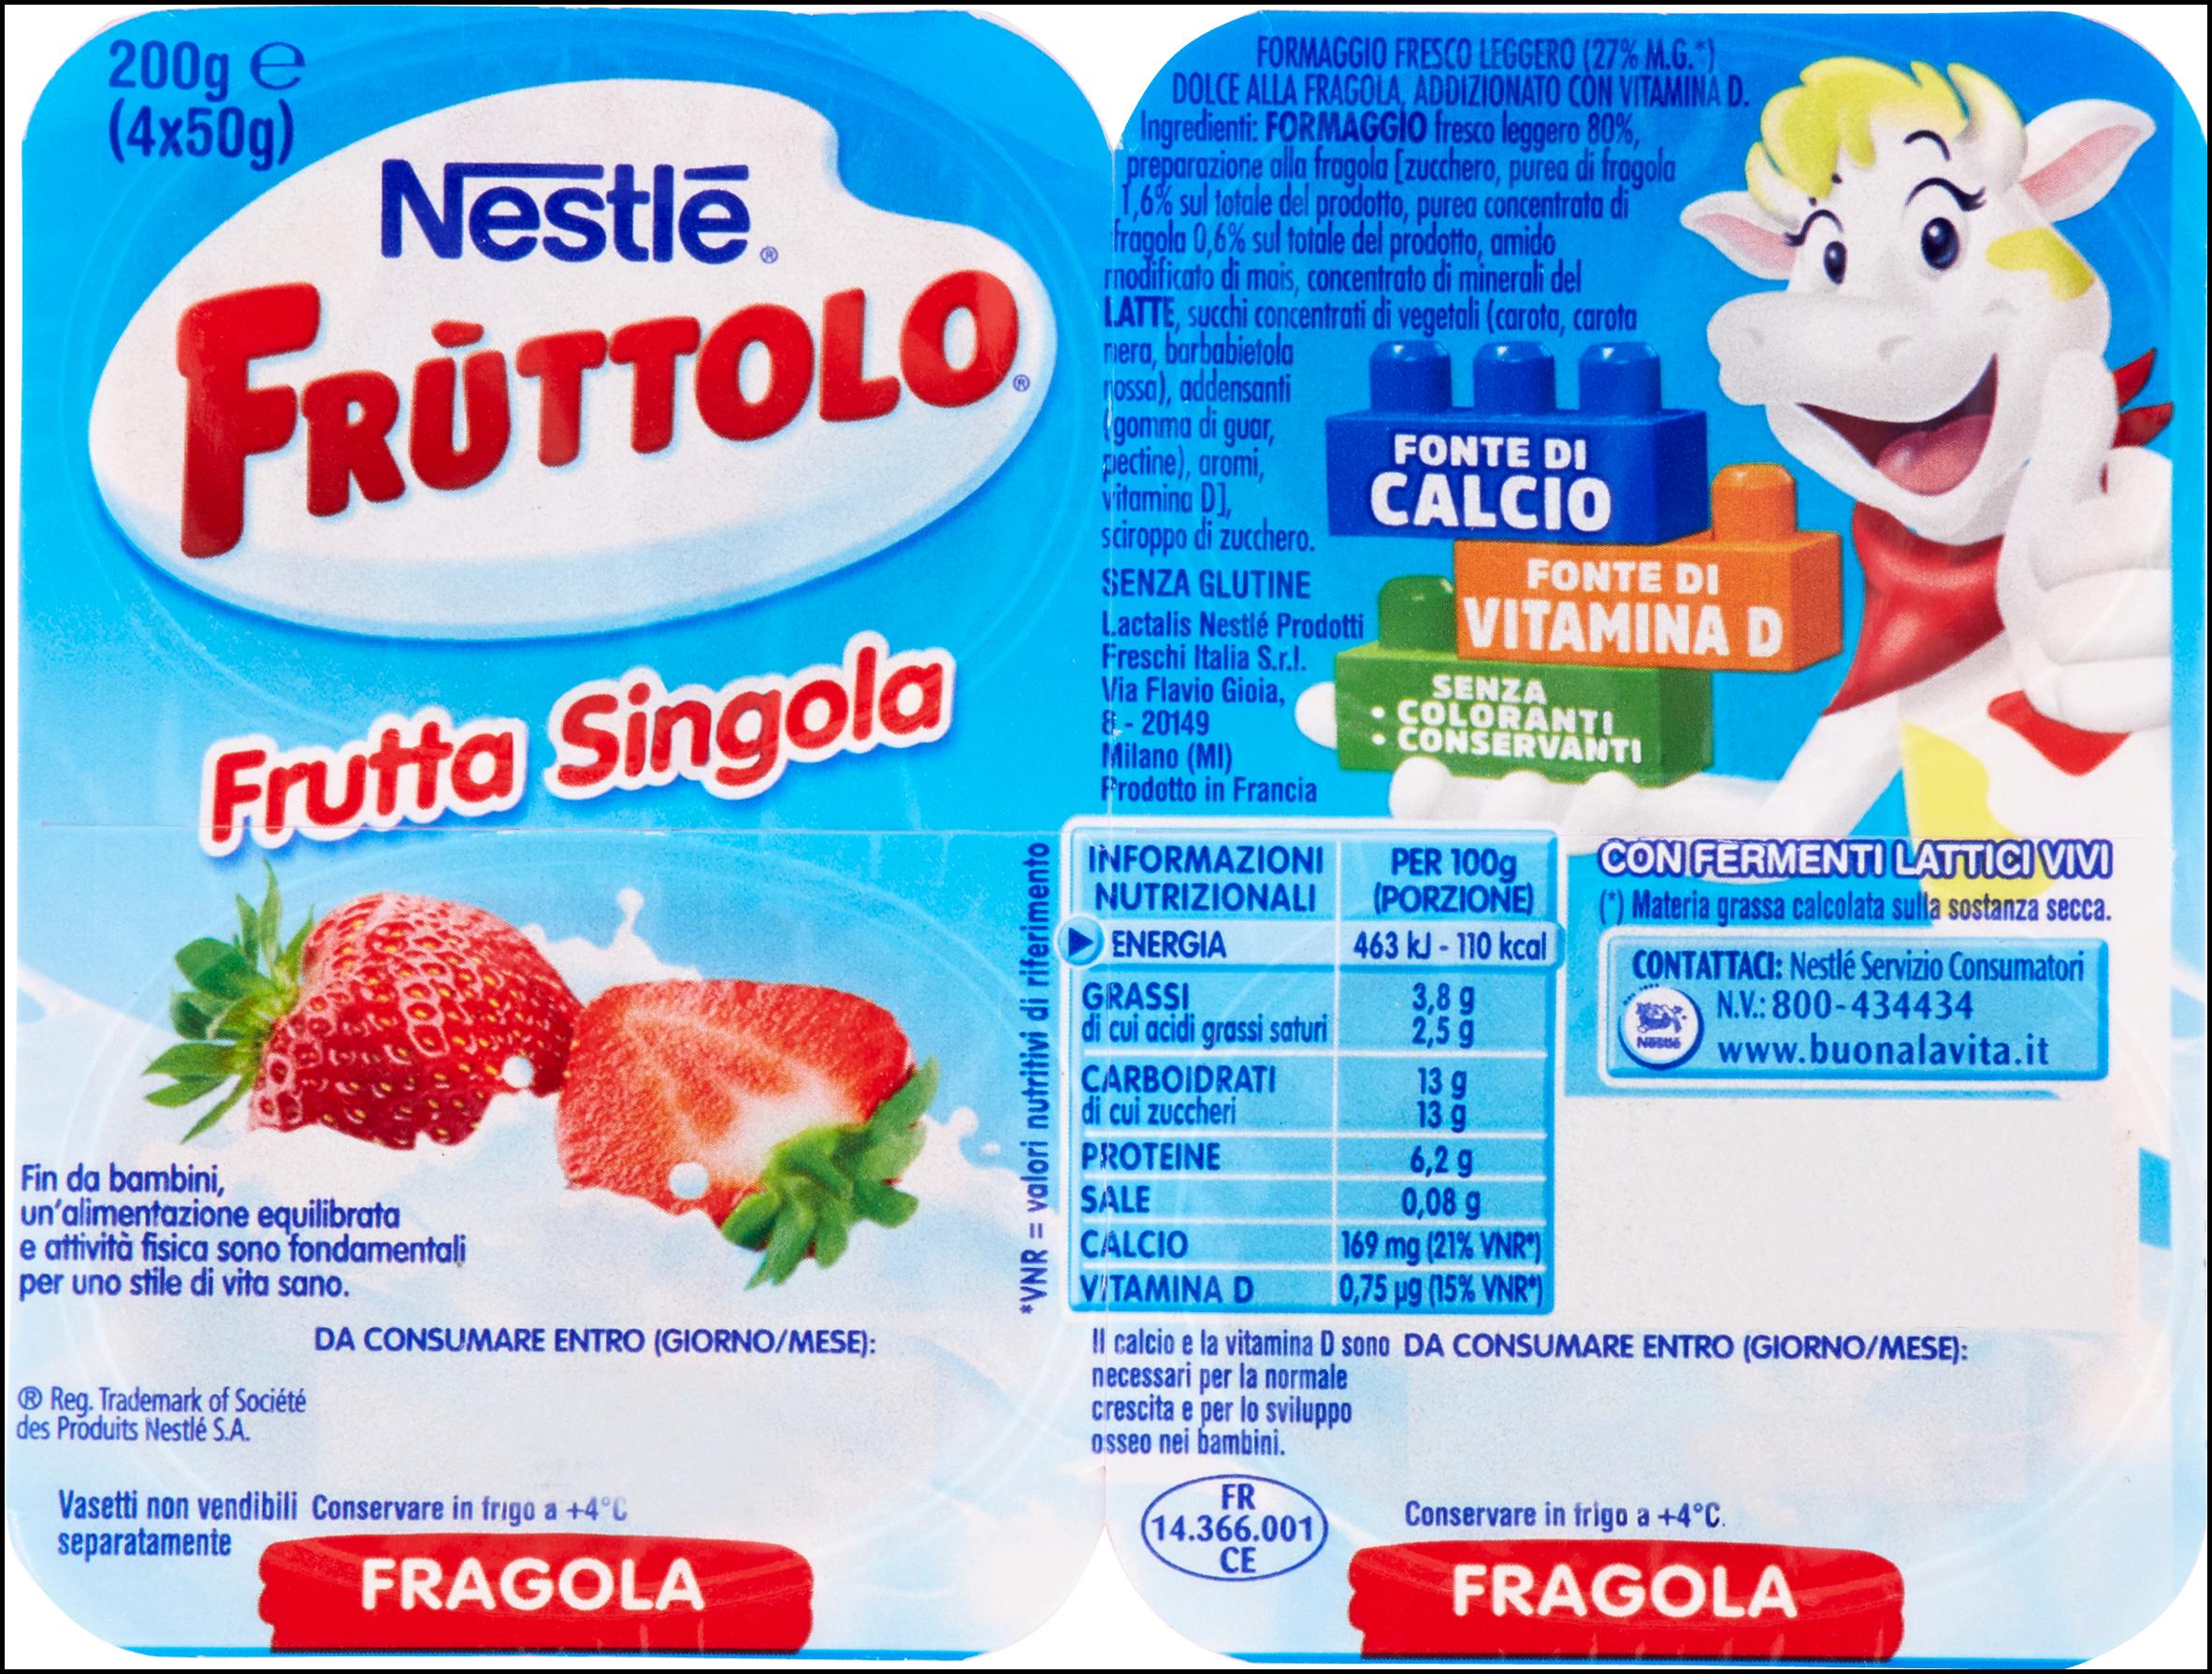 FRUTTOLO 50GX4 FRAGOLA